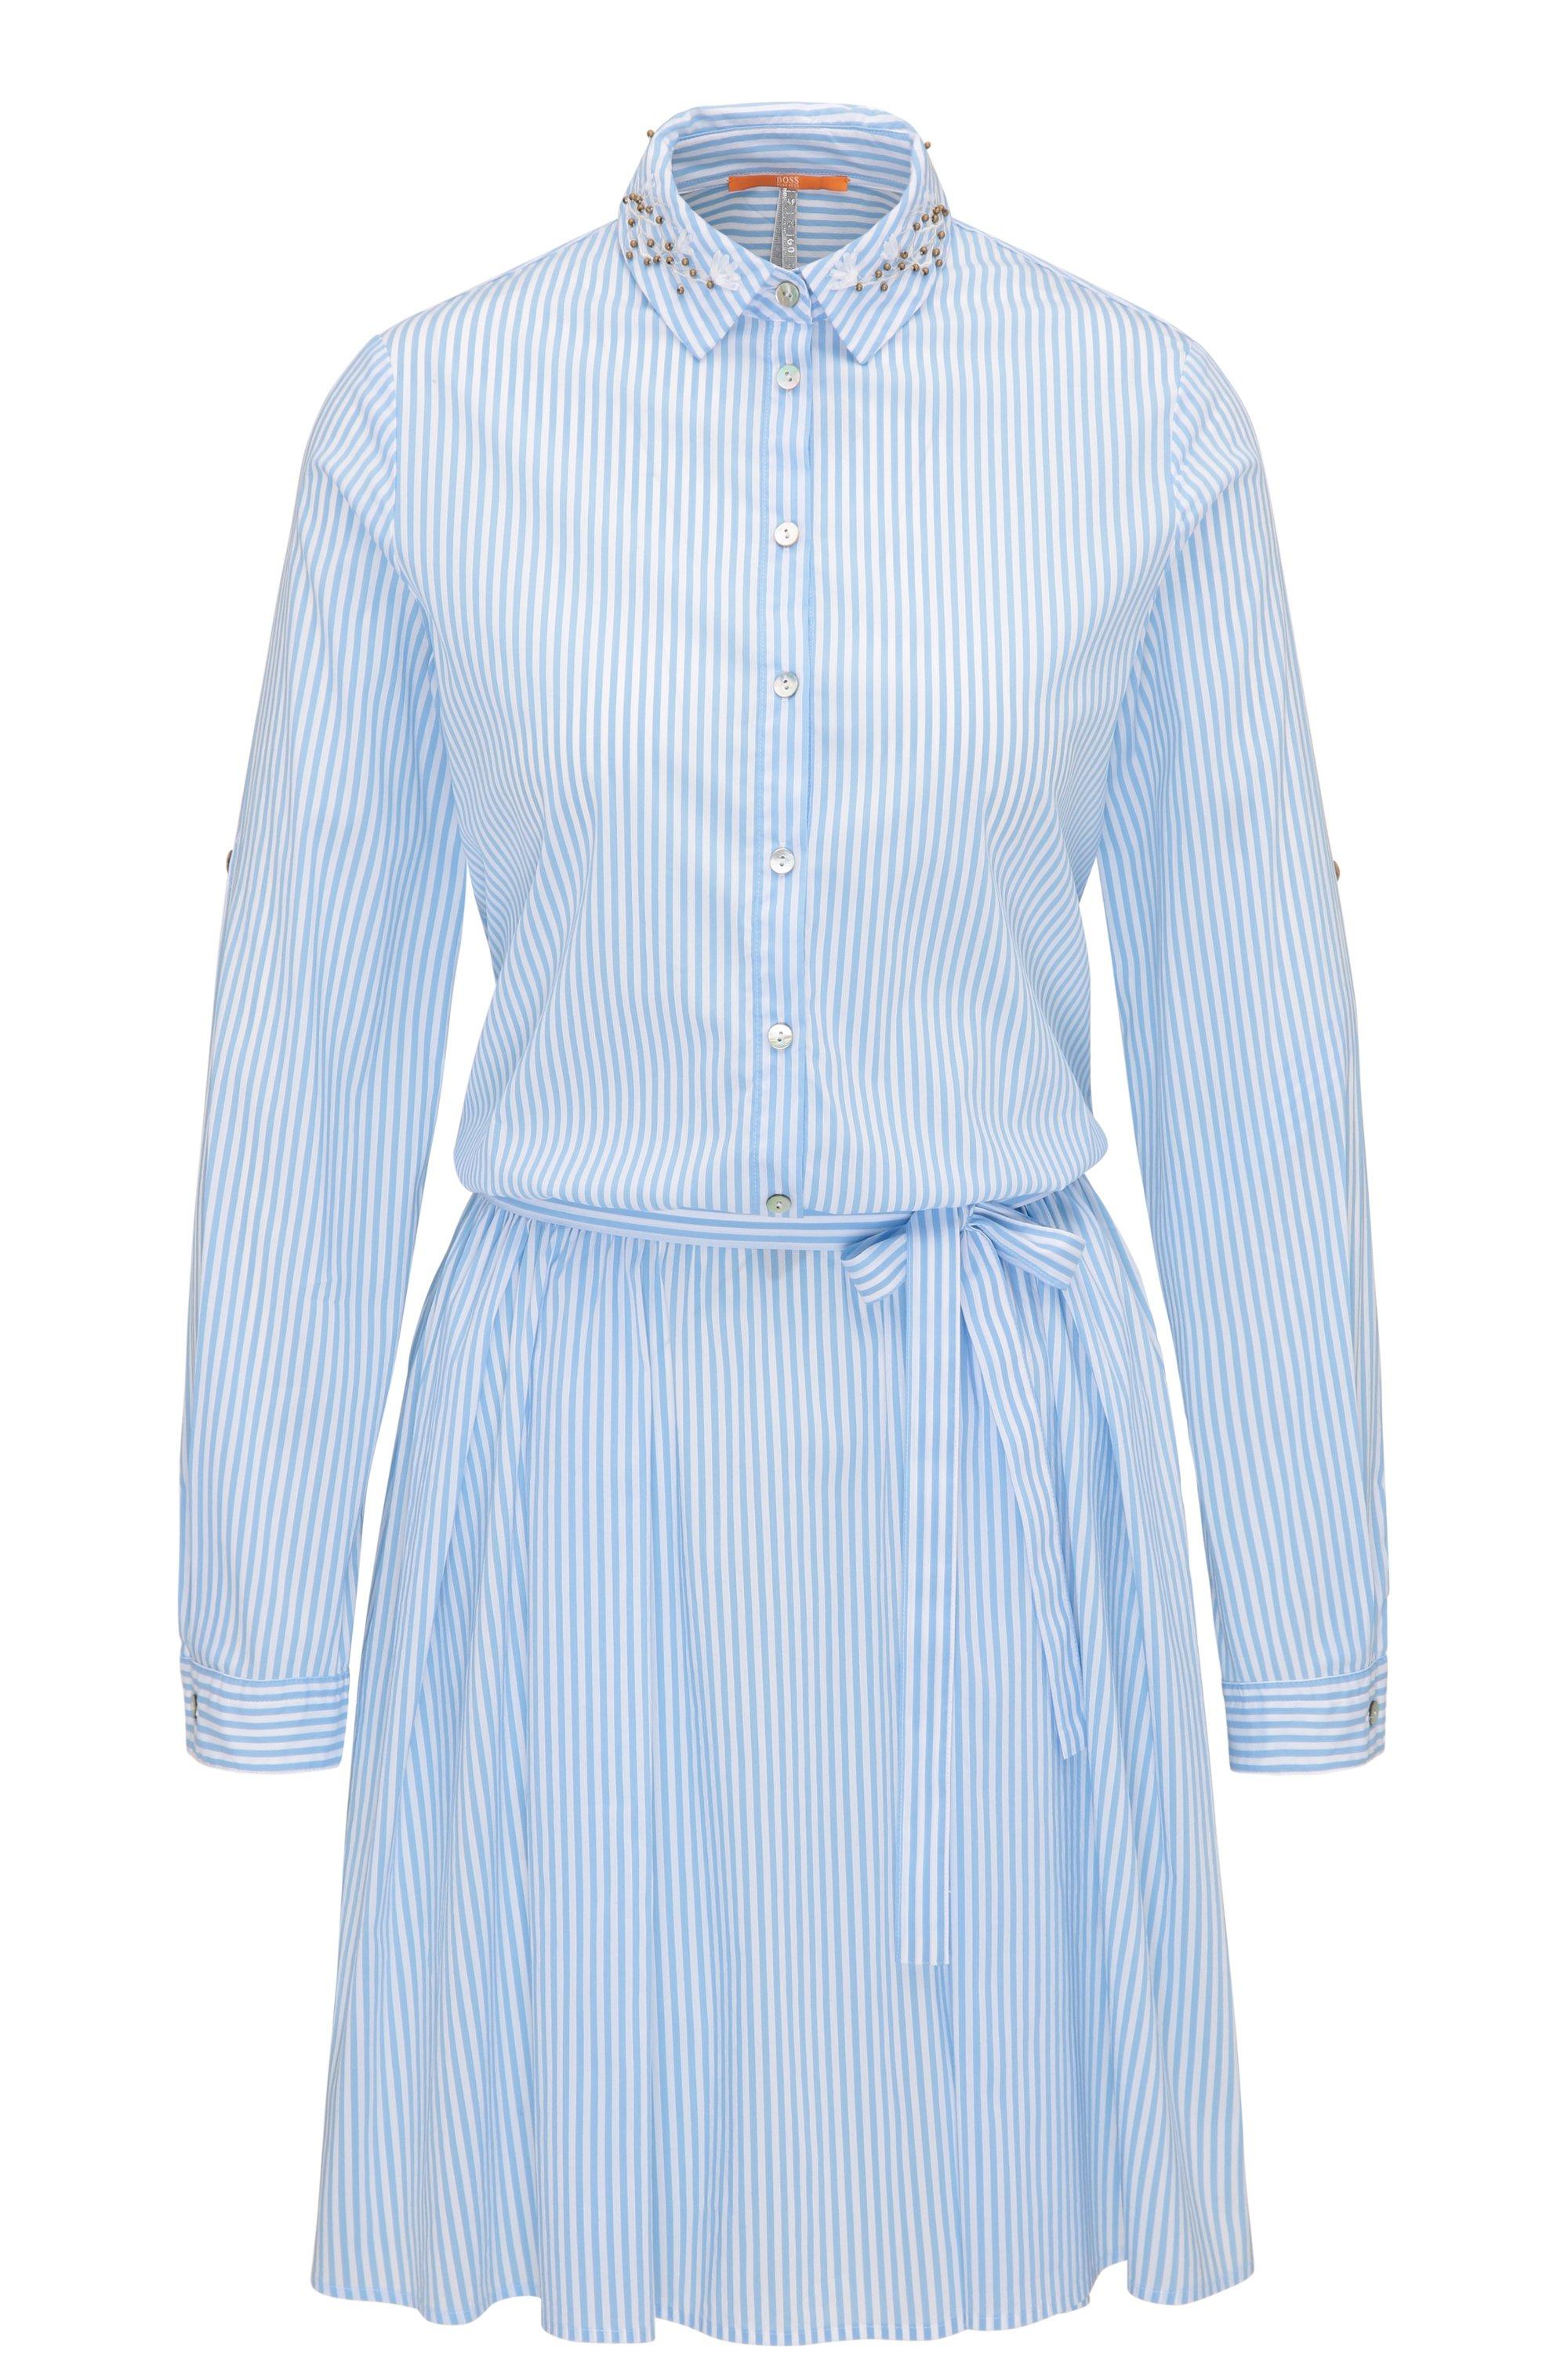 Robe chemise en coton stretch mélangé à rayures avec ceinture, Bleu foncé